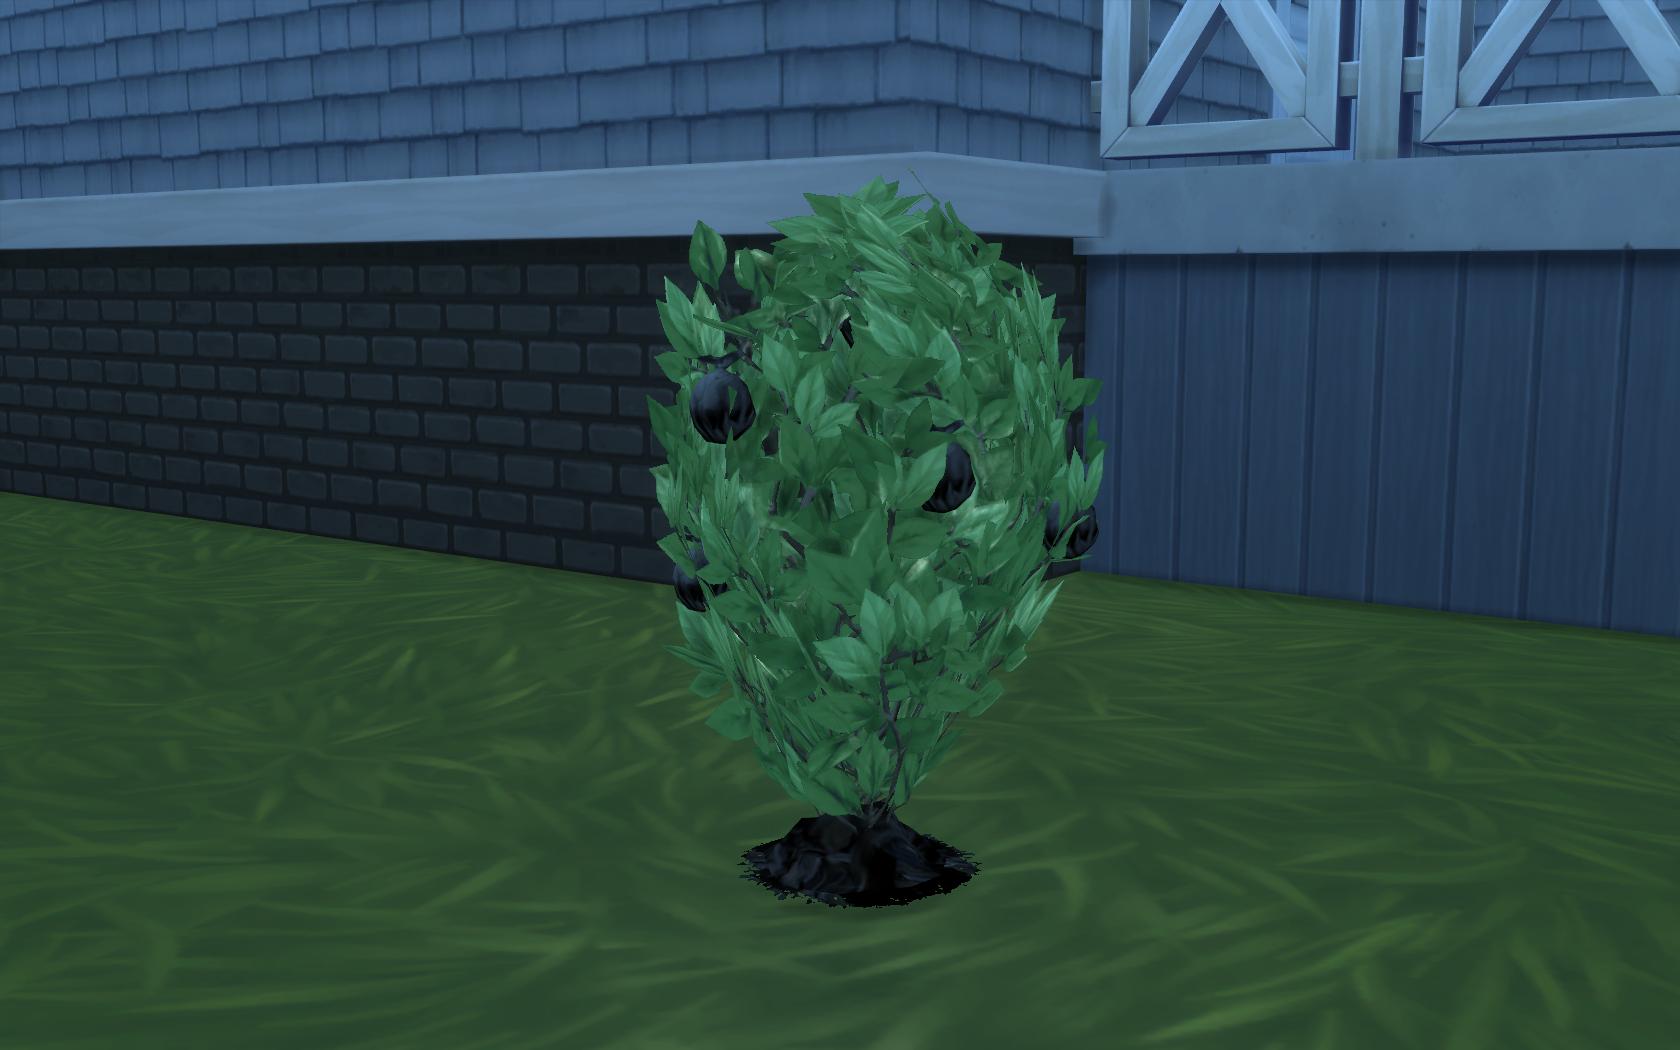 Trash plant